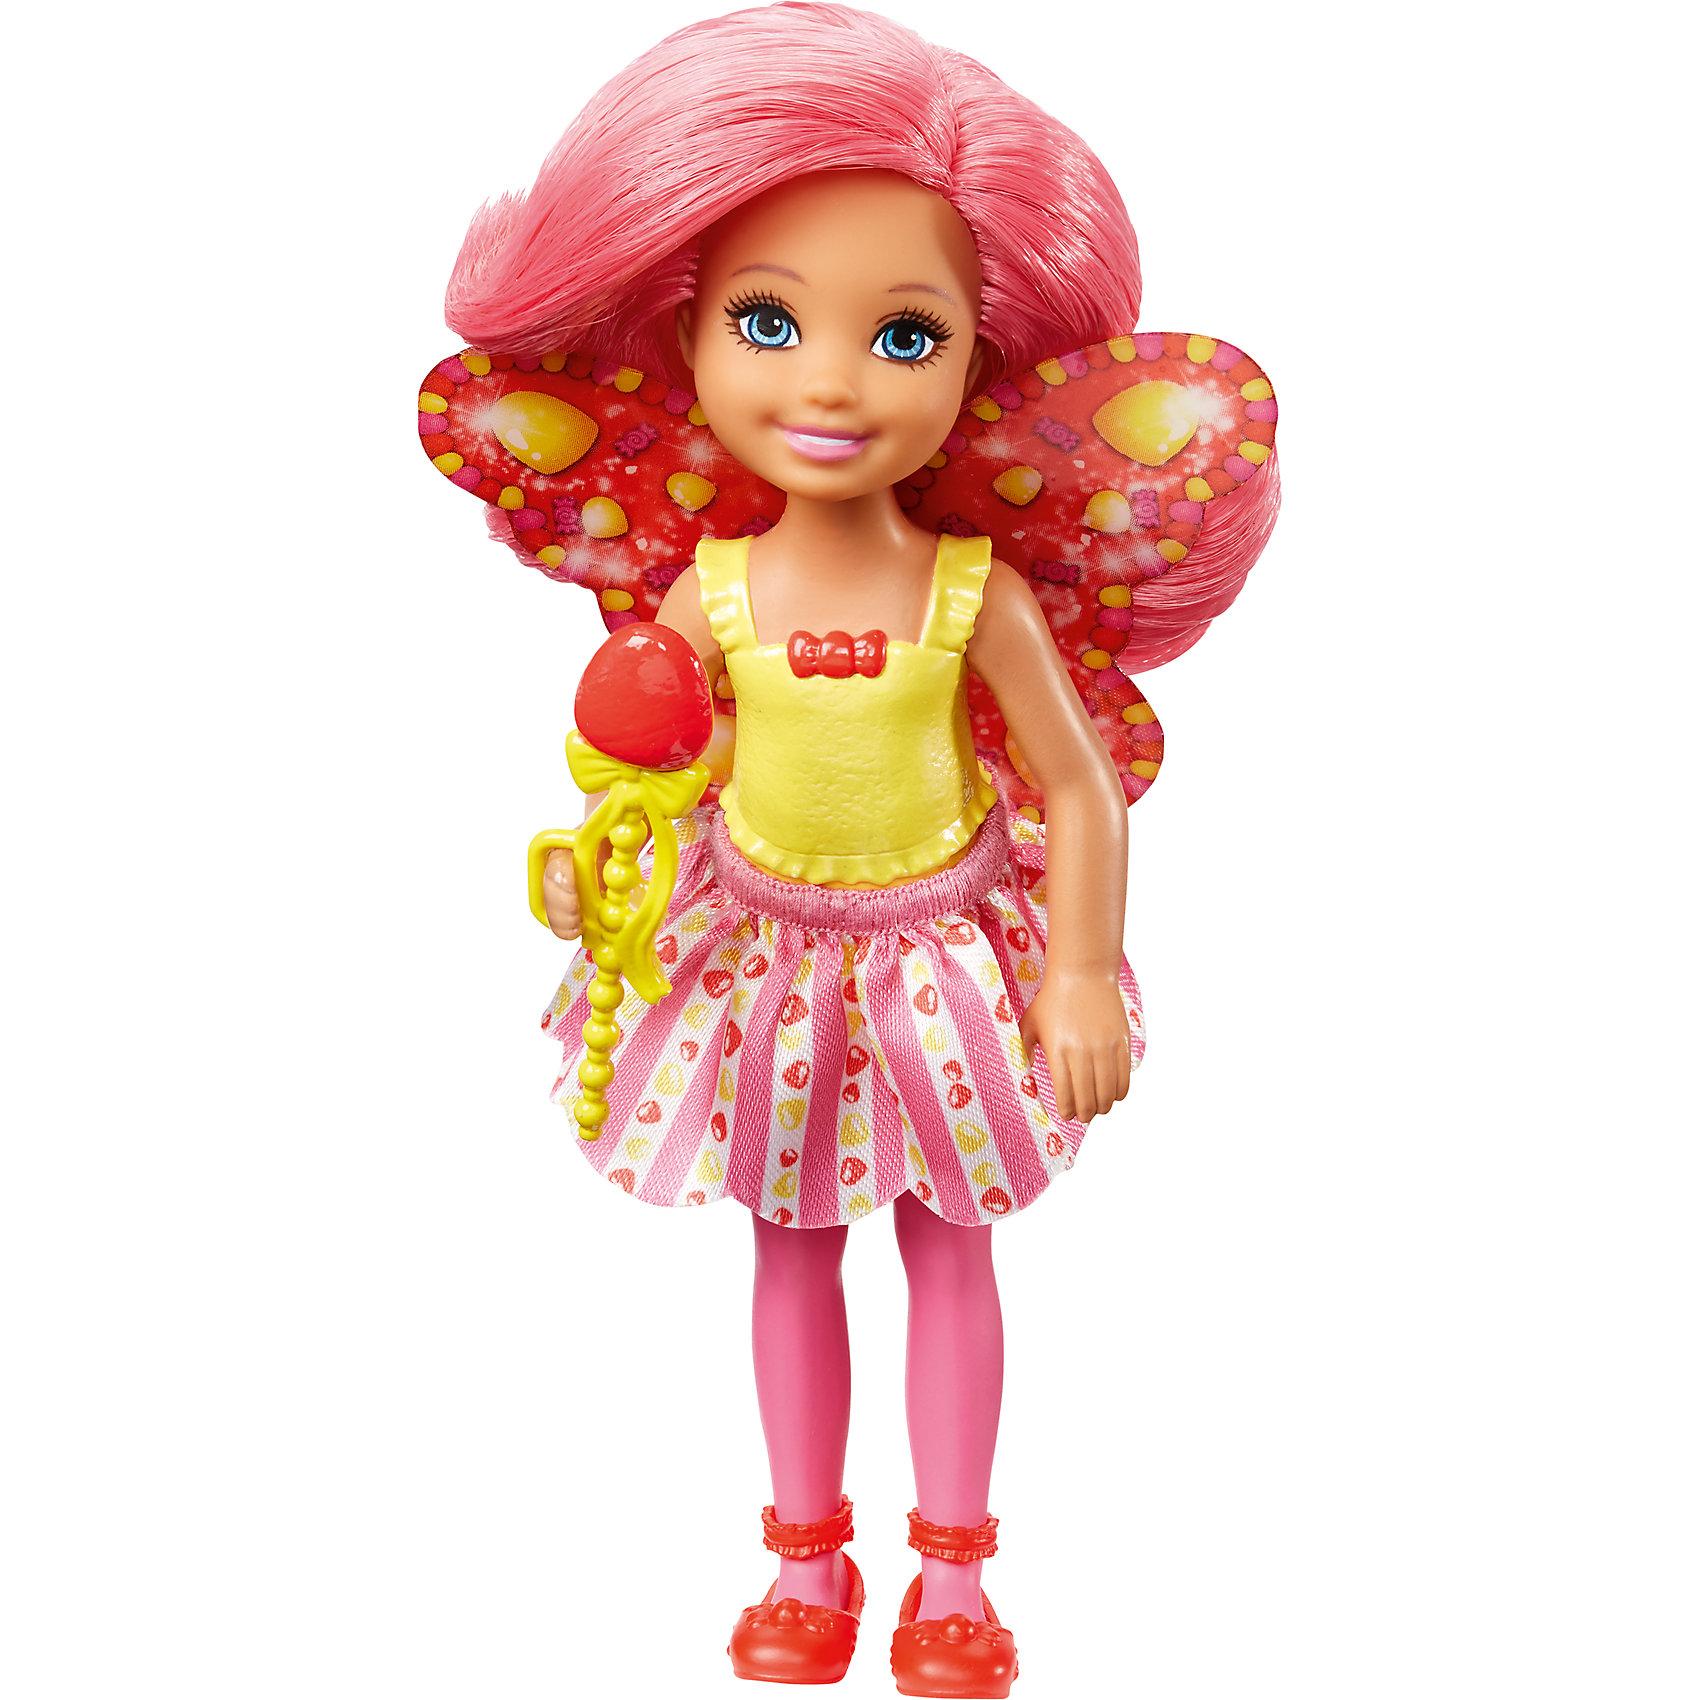 Маленькая фея-челси, BarbieПопулярные игрушки<br>Характеристики товара:<br><br>• комплектация: 1 кукла<br>• материал: пластик, полимер<br>• серия: Barbie™ Dreamtopia «Сладкое Королевство»<br>• подвижные руки<br>• возраст: от трех лет<br>• размер упаковки: 10,5 x 18 x 4 см<br>• вес: 0,3 кг<br>• страна бренда: США<br><br>Маленьких любительниц куклы Barbie наверняка порадует малышка Челси в образе волшебной феи. Она выглядит очаровательно в ярком наряде и с небольшими крылышками. Длинные волосы позволяют делать разнообразные прически! Эта Челси станет великолепным подарком для девочек!<br><br>Игры с куклами помогают развить у девочек вкус и чувство стиля, отработать сценарии поведения в обществе, развить воображение и мелкую моторику. Такую куклу удобно брать с собой в поездки и на прогулки. Маленькая Челси от бренда Mattel не перестает быть популярной! <br><br>Куклу Маленькая фея-челси, Barbie, из серии Dreamtopia «Сладкое Королевство»  от компании Mattel можно купить в нашем интернет-магазине.<br><br>Ширина мм: 100<br>Глубина мм: 40<br>Высота мм: 180<br>Вес г: 88<br>Возраст от месяцев: 36<br>Возраст до месяцев: 120<br>Пол: Женский<br>Возраст: Детский<br>SKU: 5430587